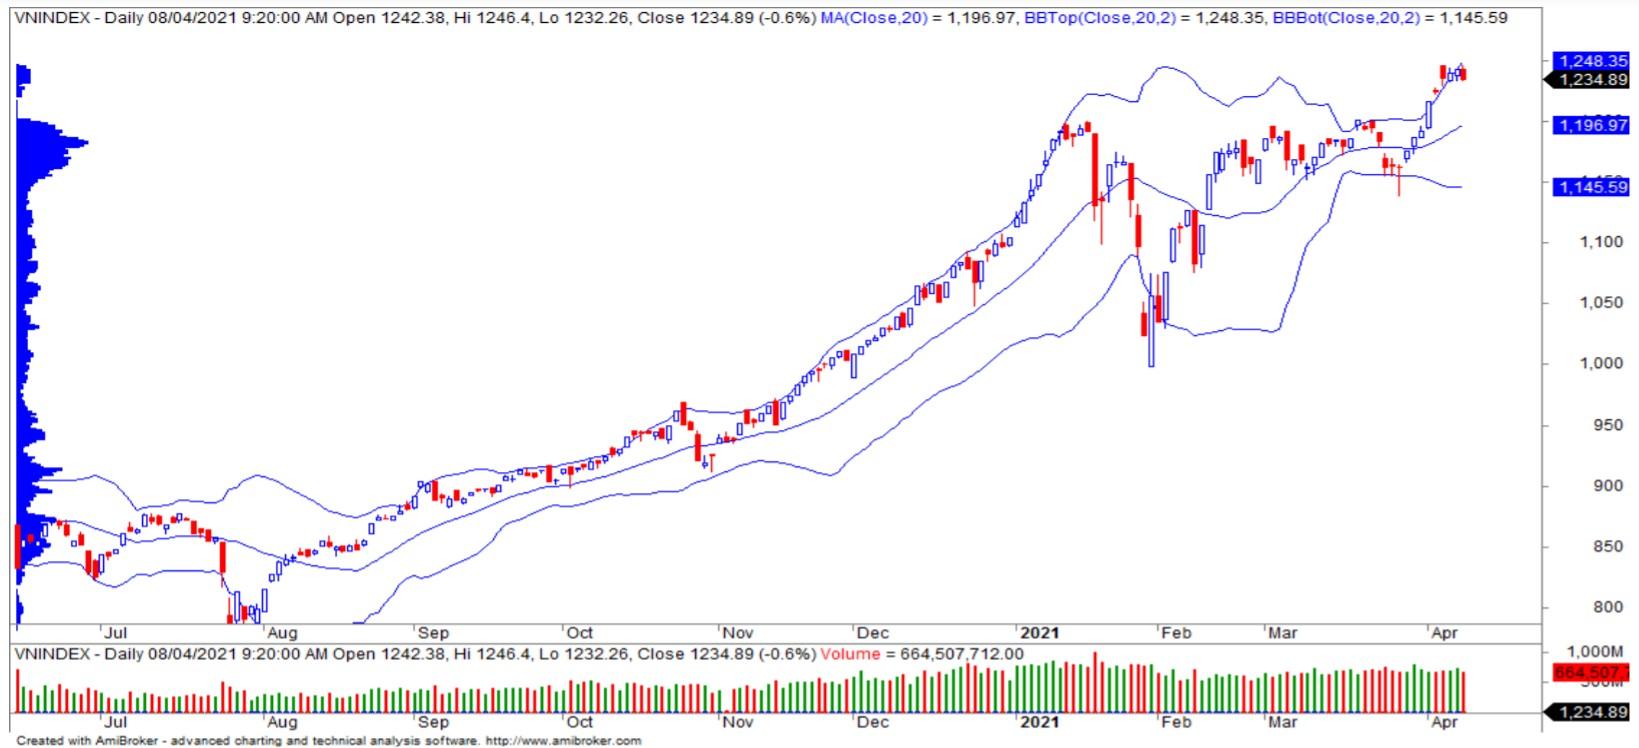 Nhận định thị trường chứng khoán ngày 9/4: Quay lại đà tăng - Ảnh 1.